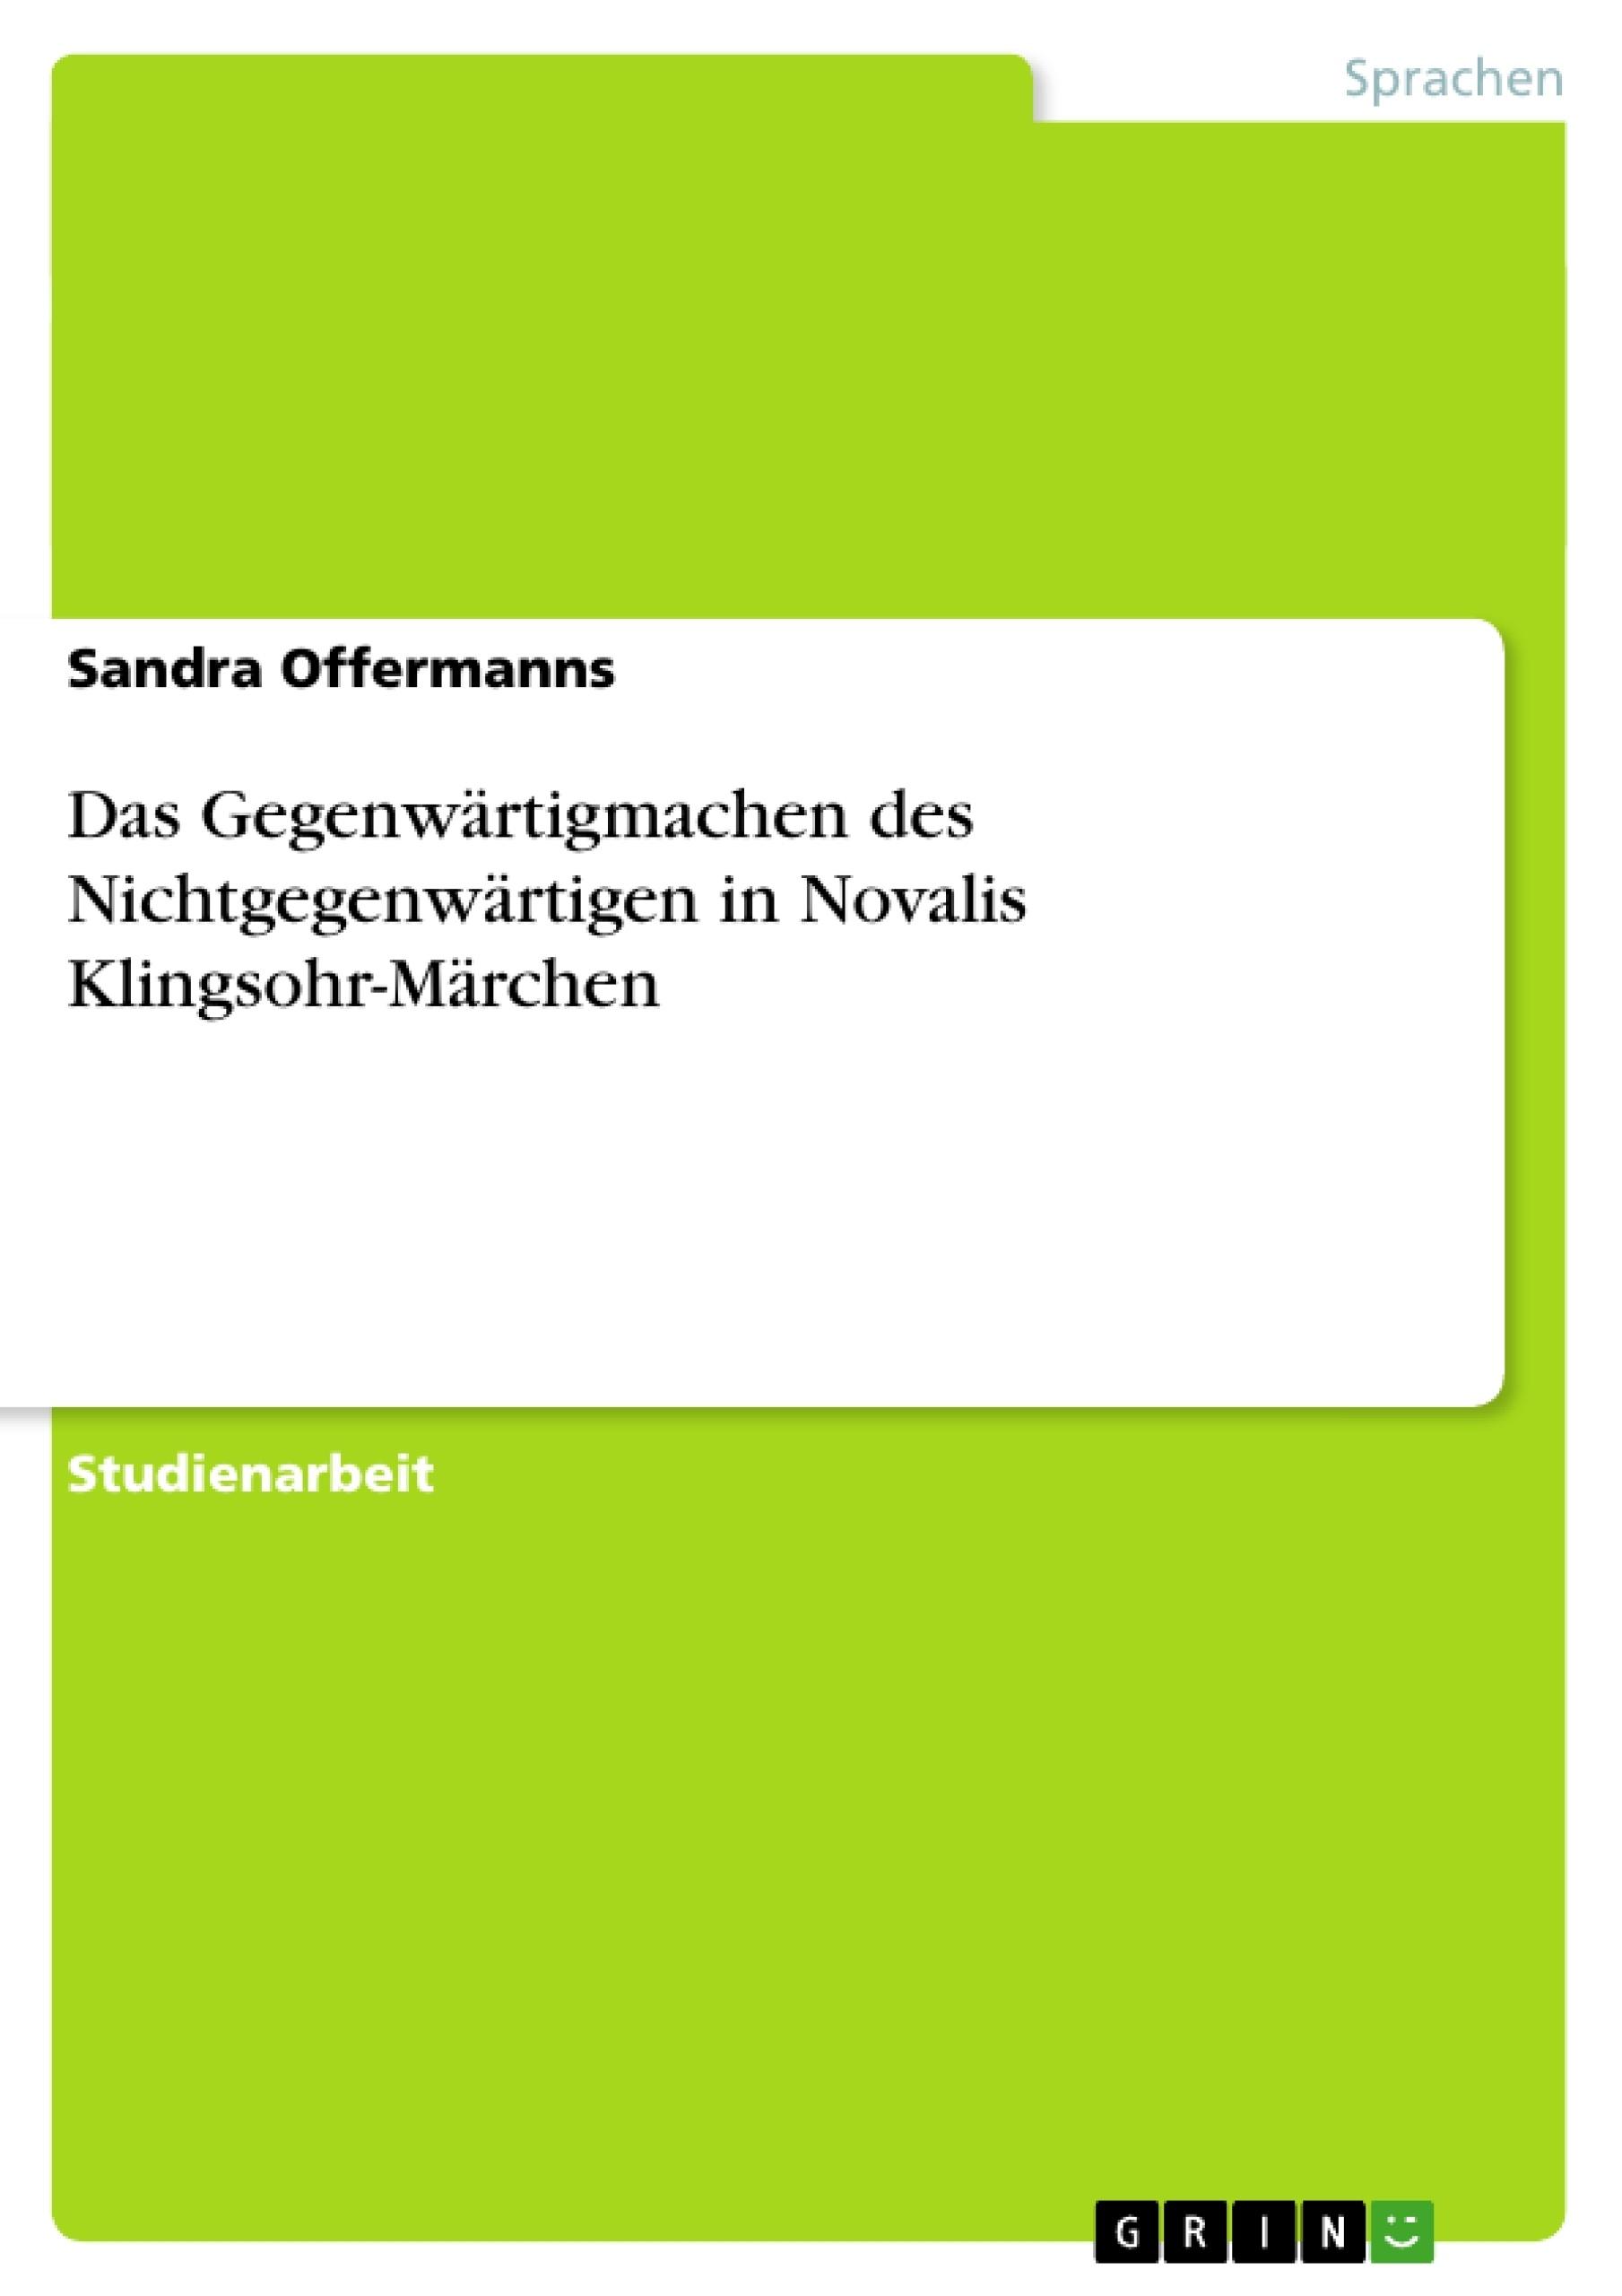 Titel: Das Gegenwärtigmachen des Nichtgegenwärtigen in Novalis Klingsohr-Märchen